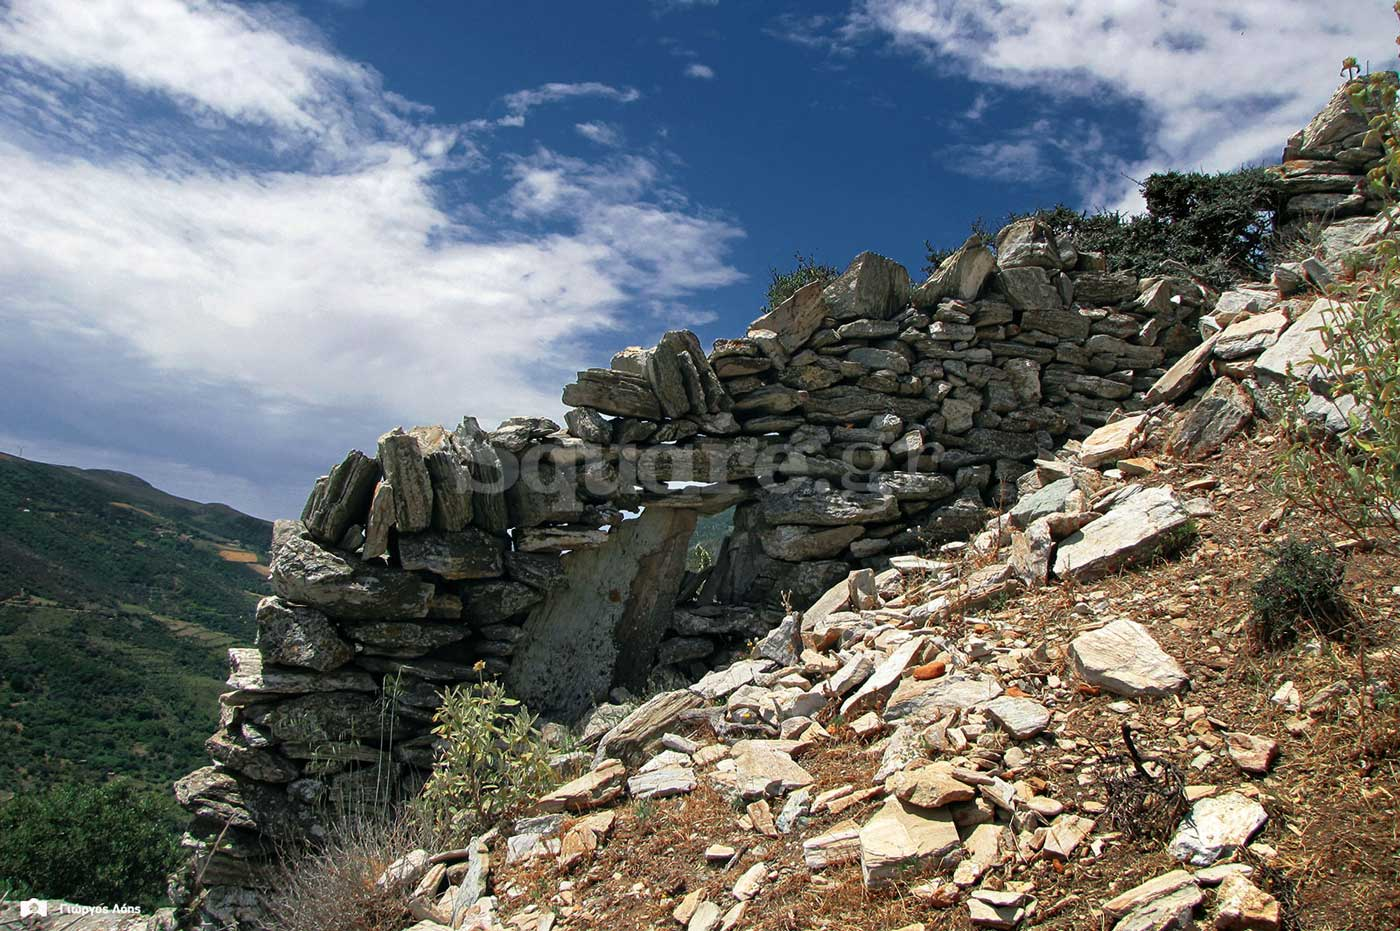 10-Λείψανα-οχυρωματικής-τοιχοποιίας-στην-νότια-πλευρά-του-λόφου